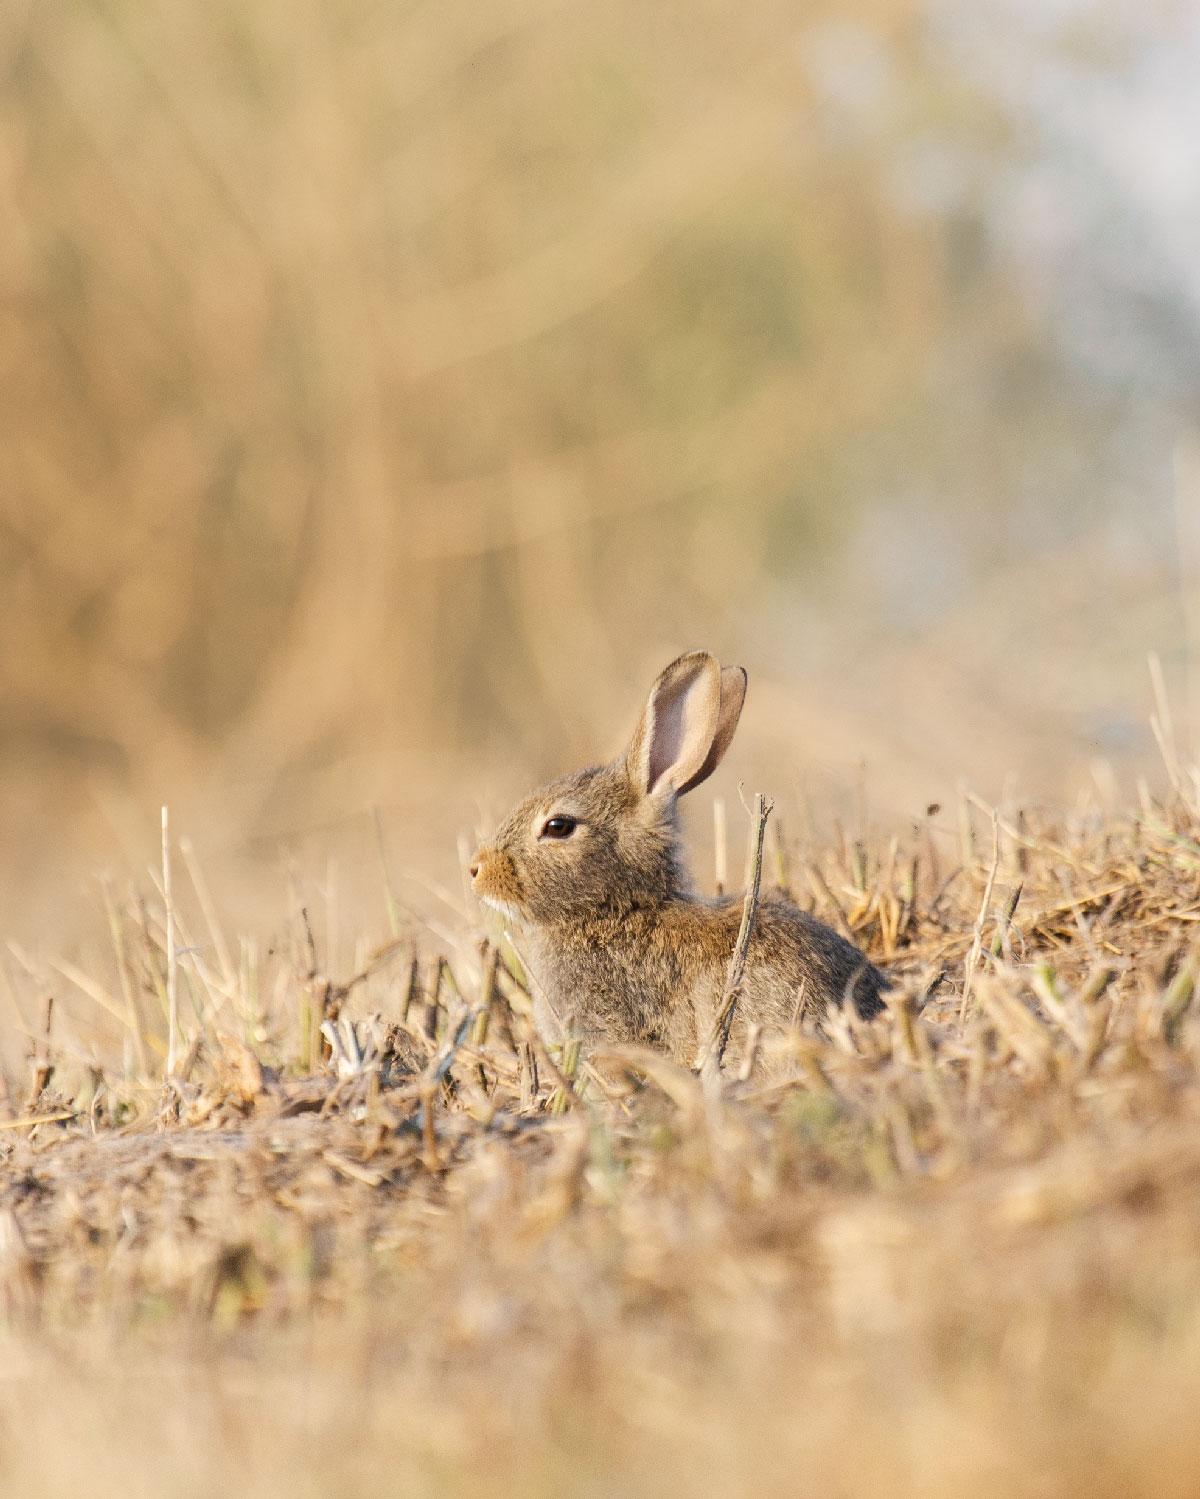 Den gule Kaninrute: Sød kaninunge med pjusket pels siddende i gule halmstrå.